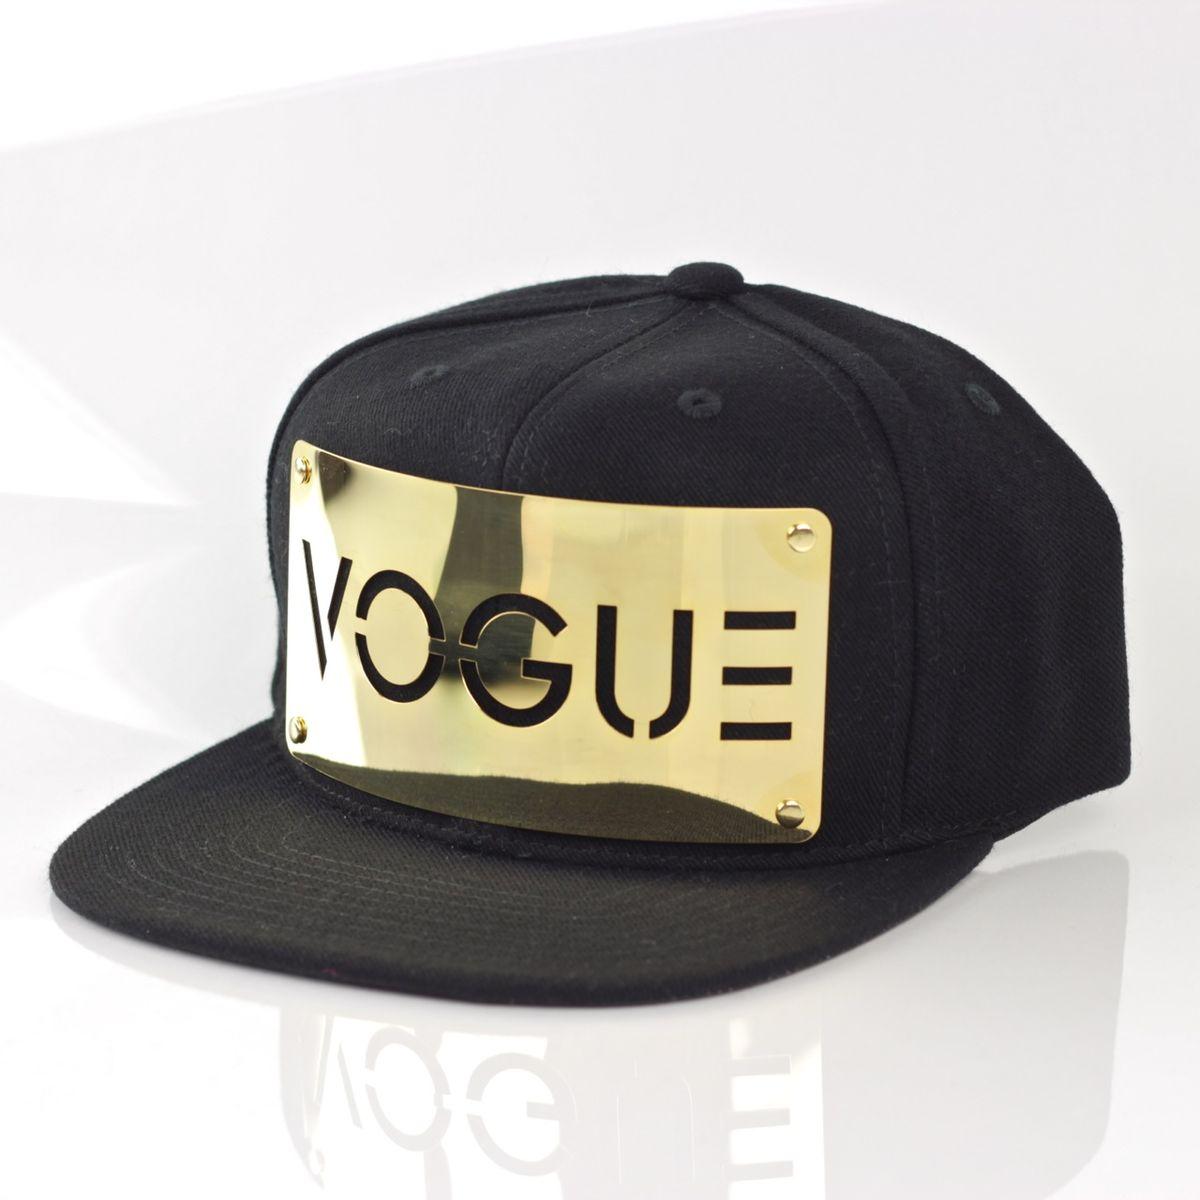 Vogue 18K Gold Snapback - Karl Alley Original Hardware